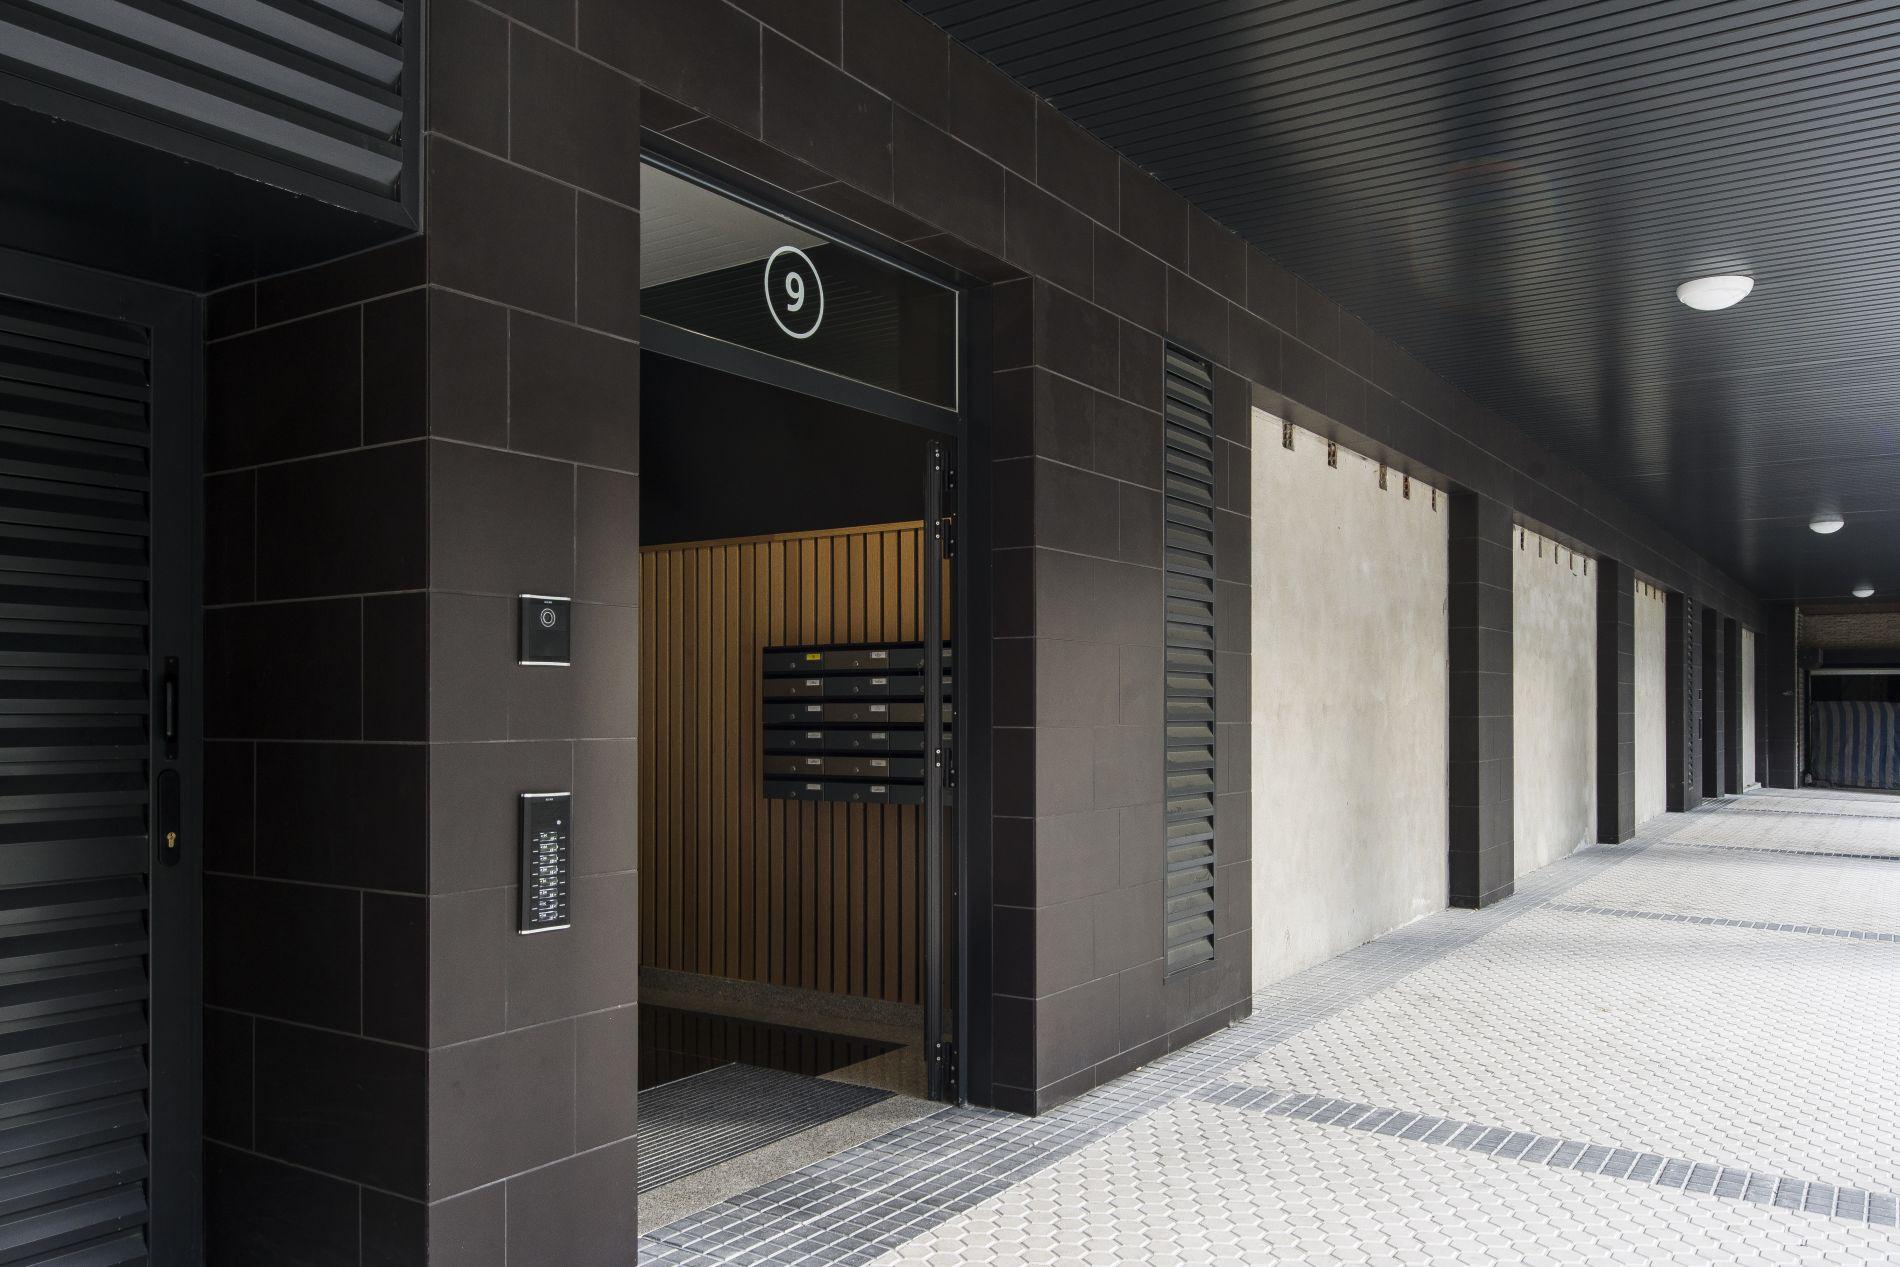 Fiark - 80 viviendas calle podavines 9